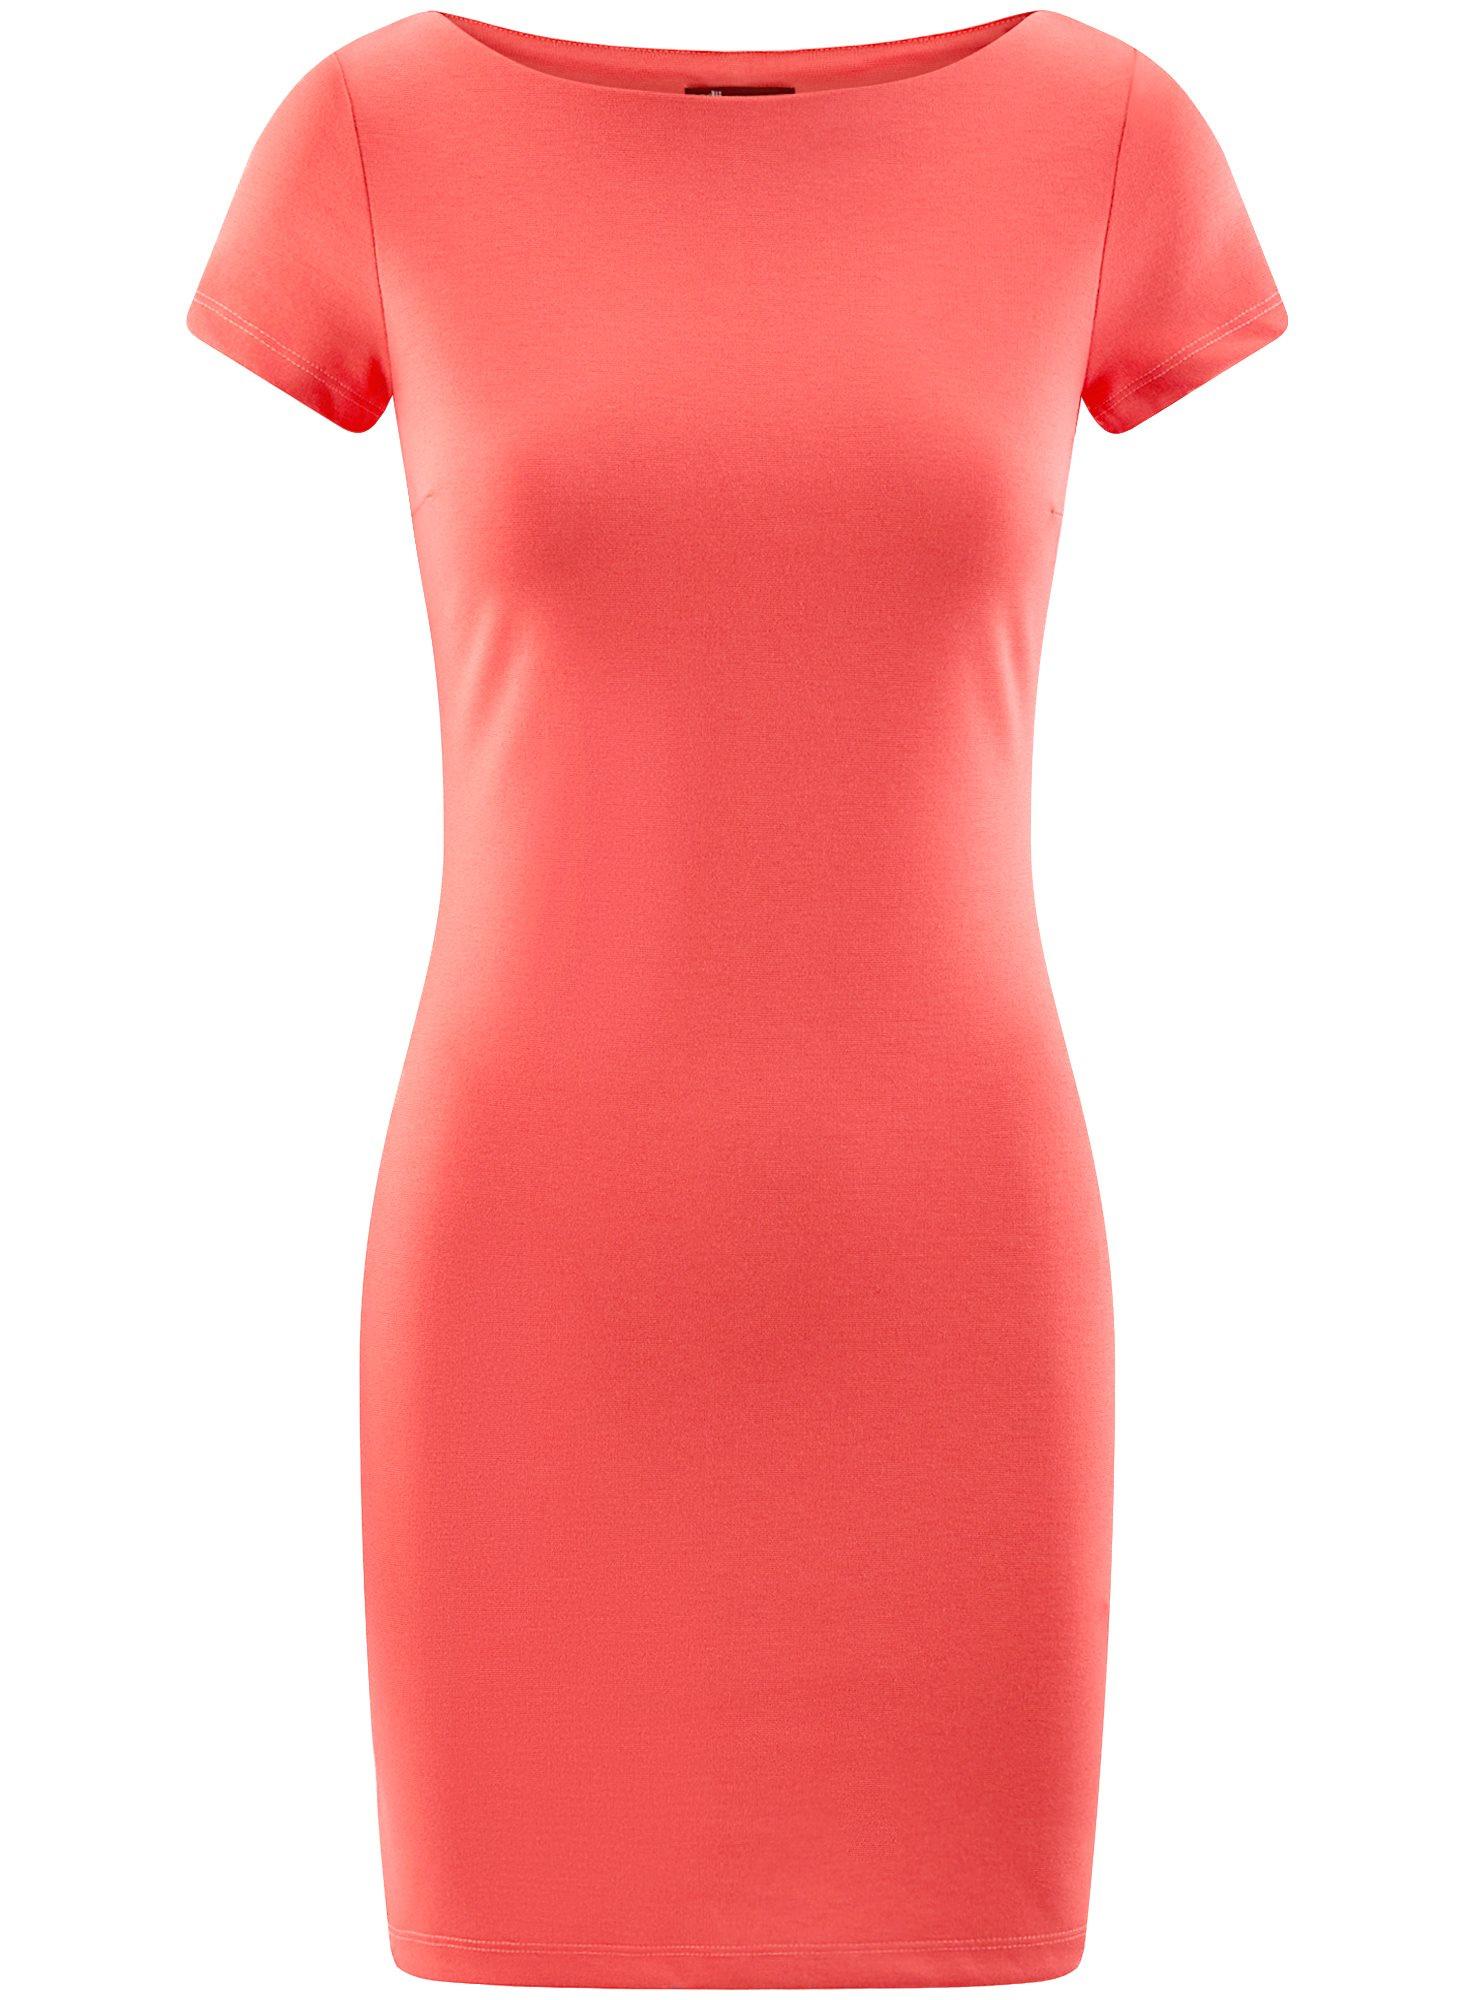 Платье трикотажное с вырезом-лодочкой oodji для женщины (красный), 14001117-2B/16564/4300N